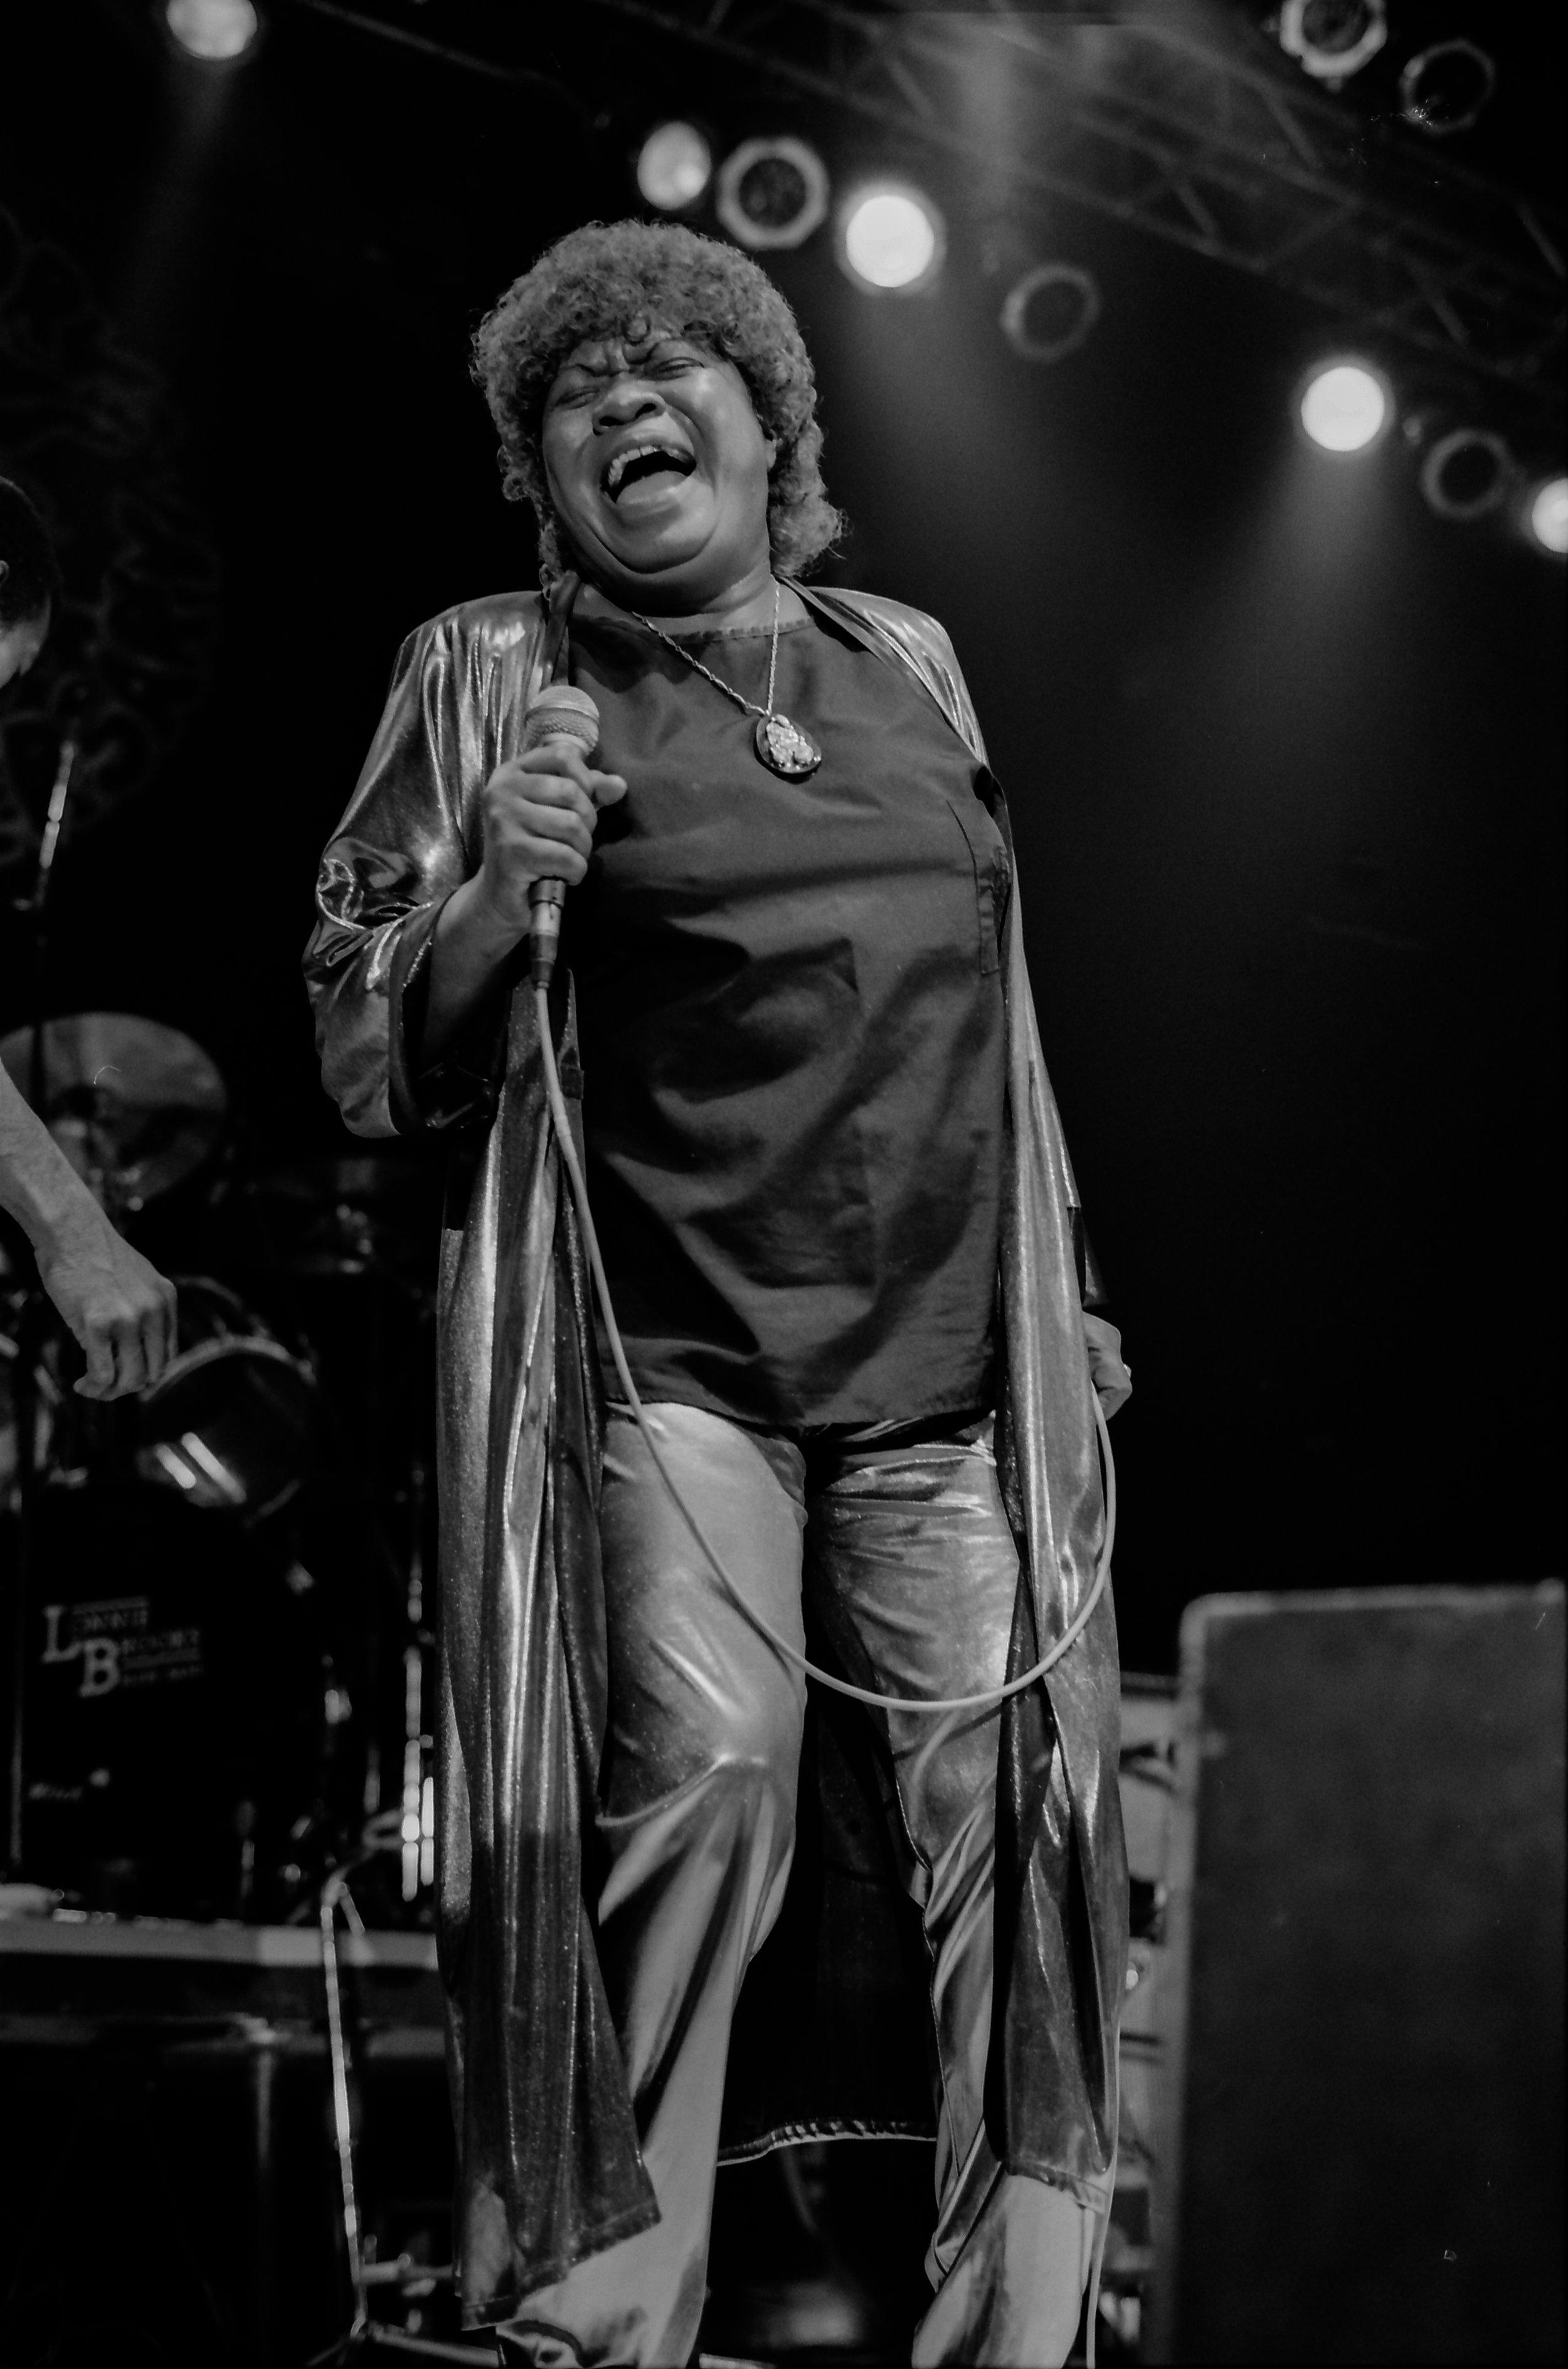 Koko Taylor - 1991